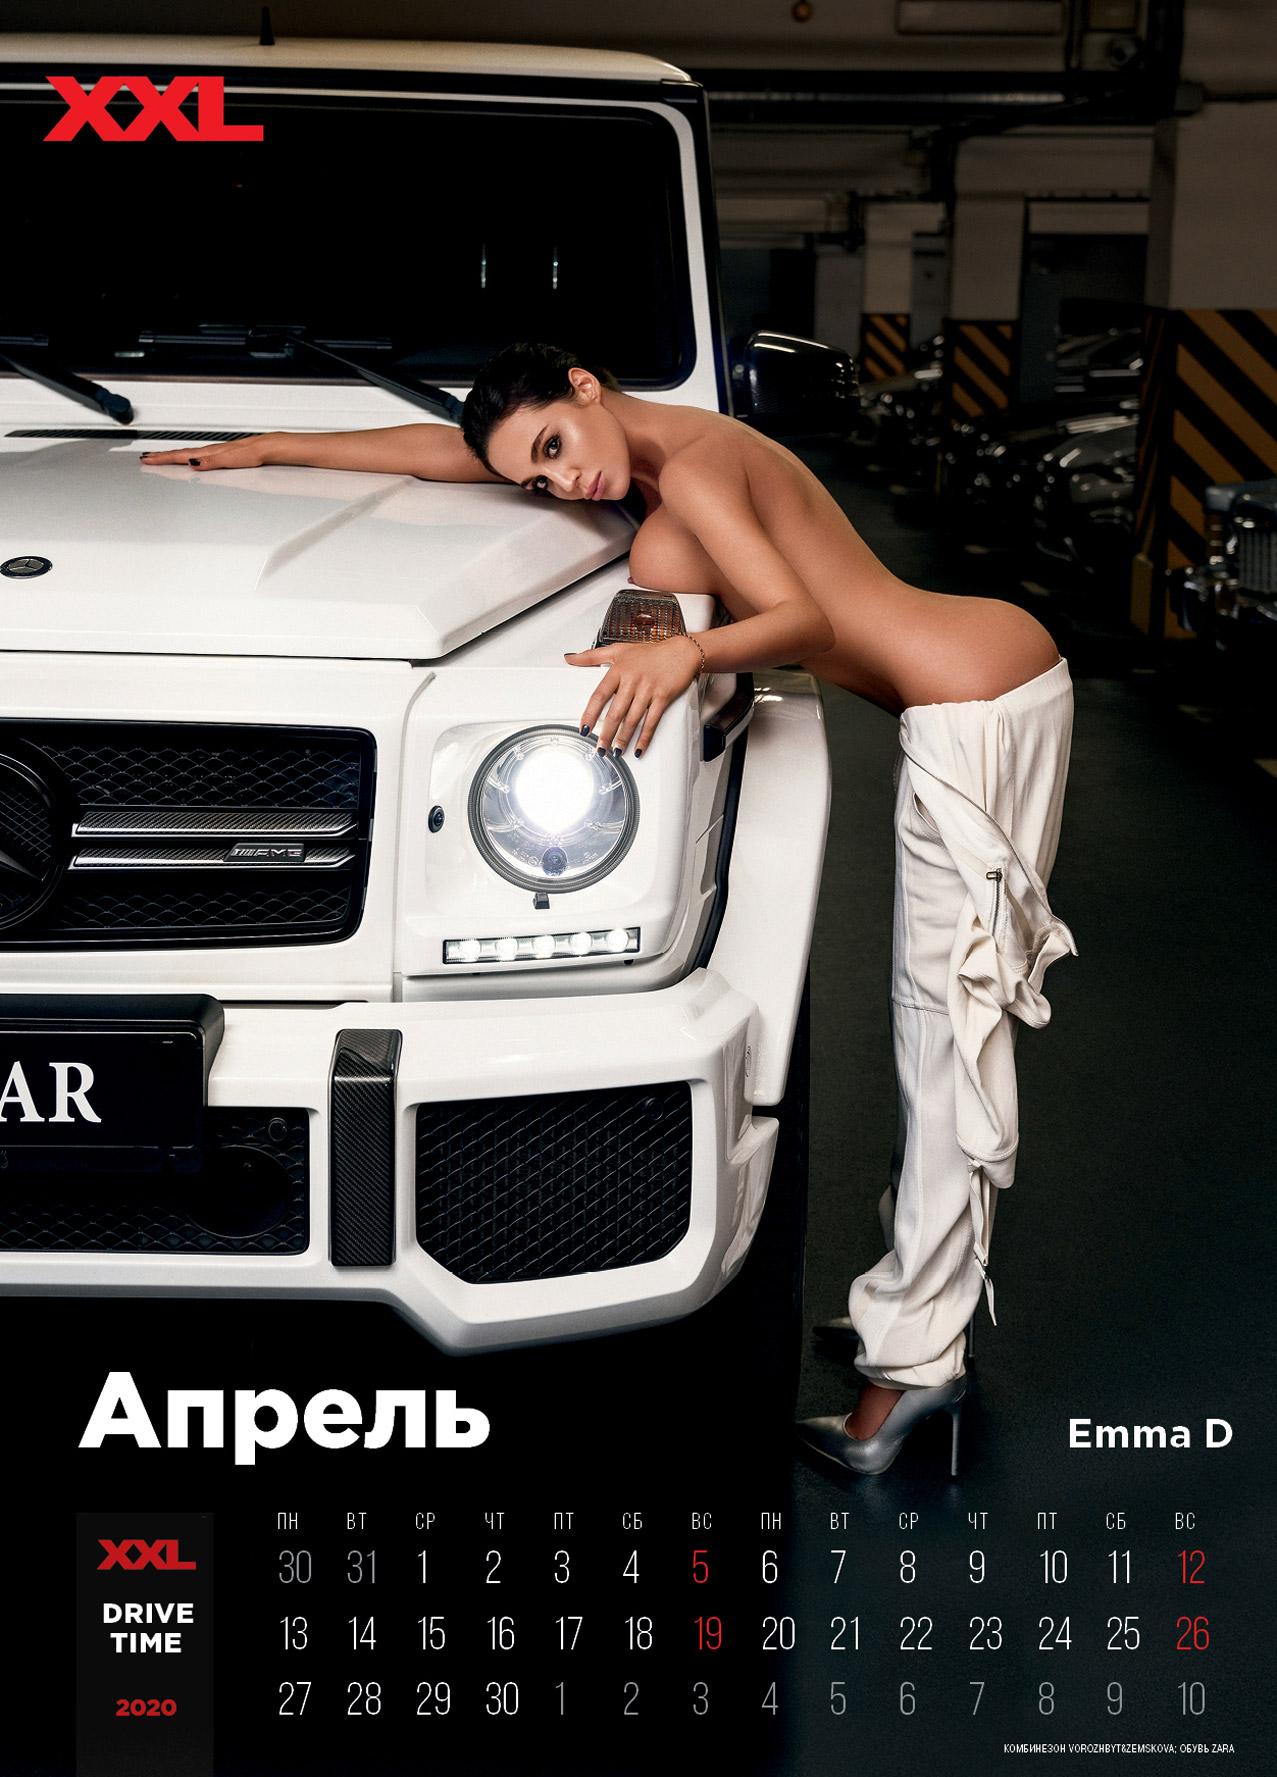 календарь журнала XXL Украина на 2020 год / апрель - Emma D